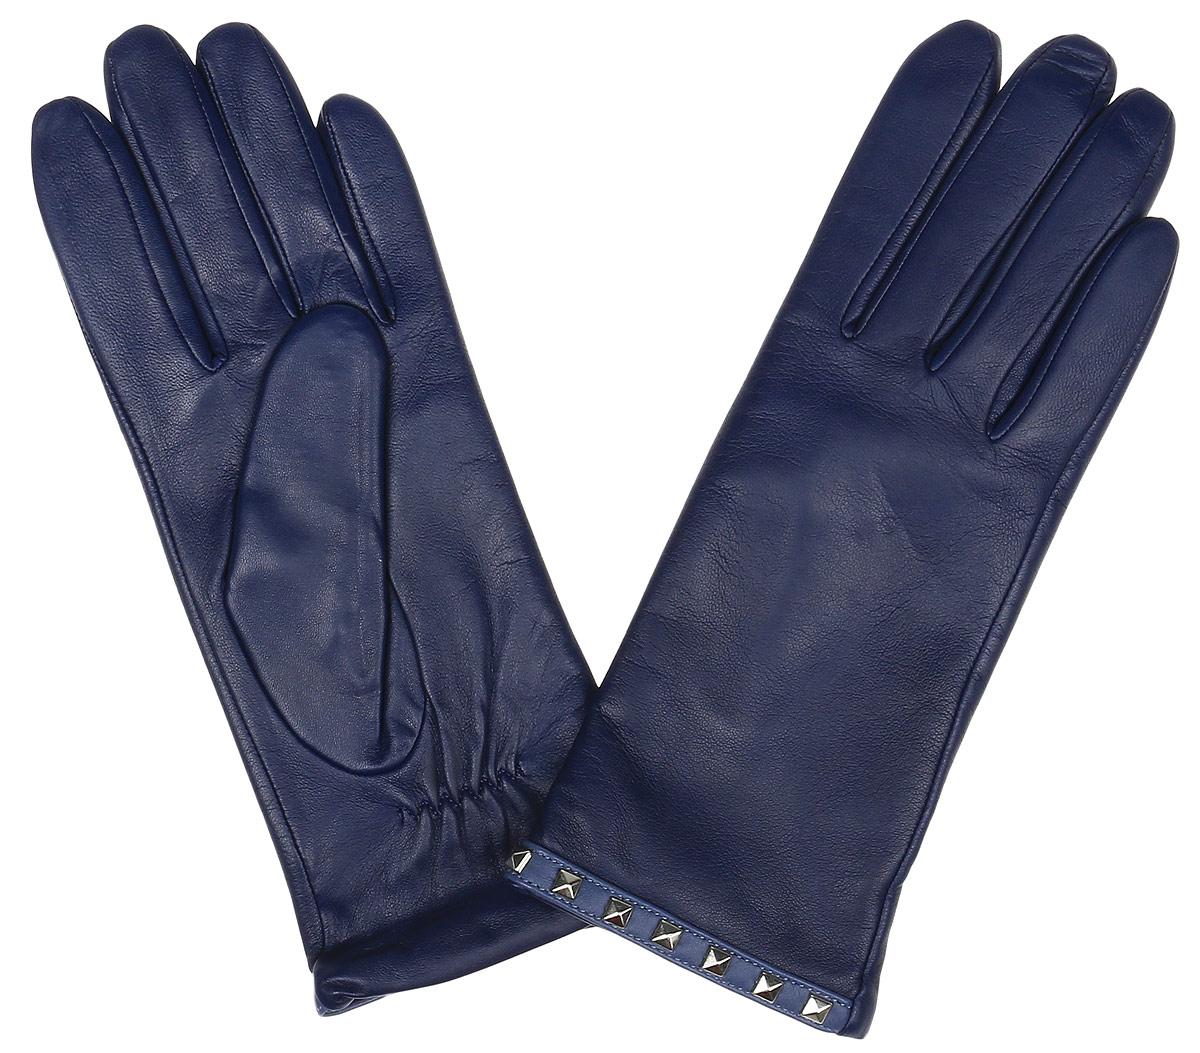 Перчатки женские Fabretti, цвет: синий. 12.24-11. Размер 7,512.24-11 blueЭлегантные женские перчатки Fabretti станут великолепным дополнением вашего образа и защитят ваши руки от холода и ветра во время прогулок. Перчатки выполнены из натуральной кожи ягненка. Модель декорирована стильными металлическими заклепками. Такие перчатки будут оригинальным завершающим штрихом в создании современного модного образа, они подчеркнут ваш изысканный вкус и станут незаменимым и практичным аксессуаром.